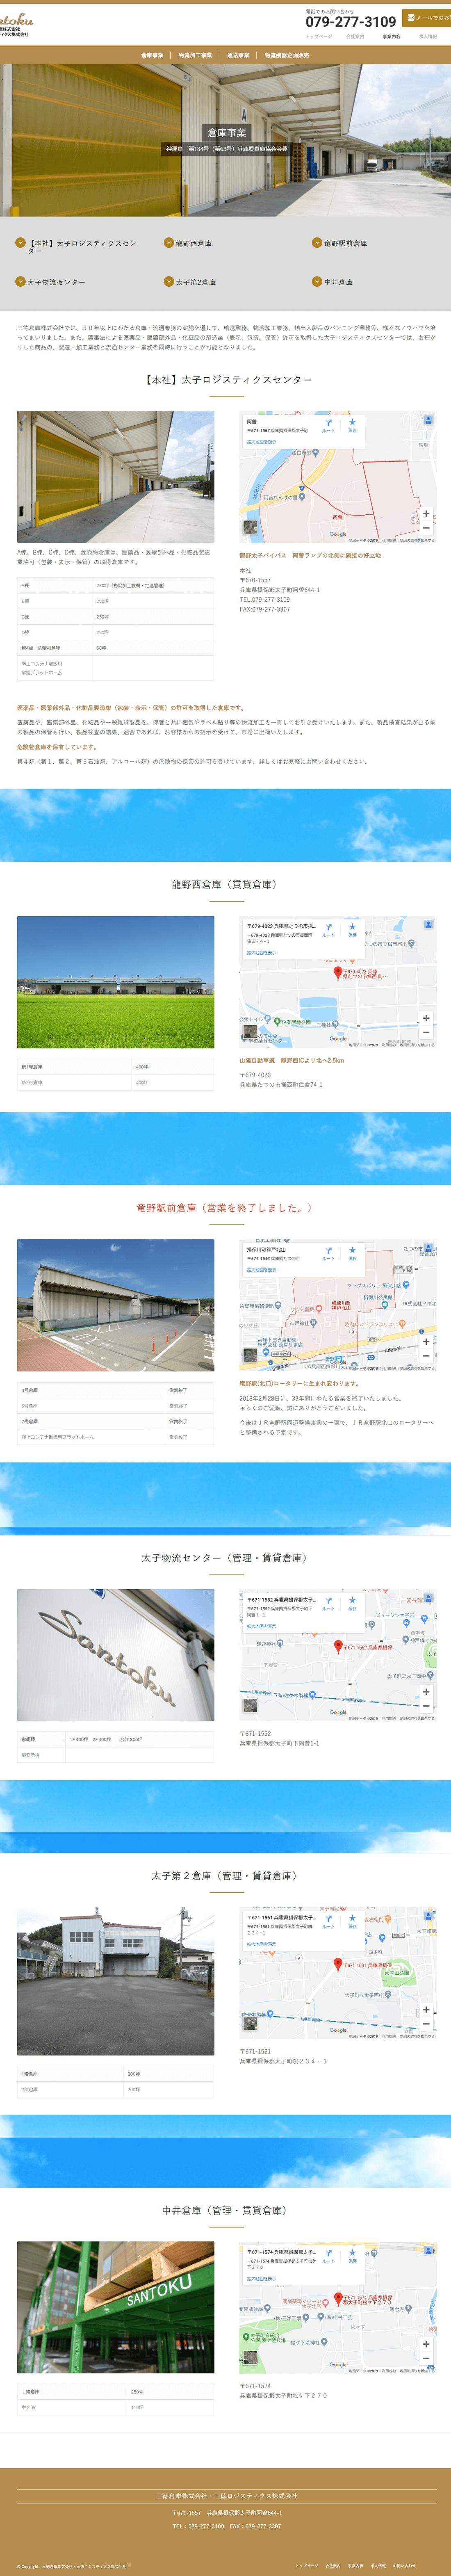 揖保郡 三徳倉庫株式会社 ホームページ制作2